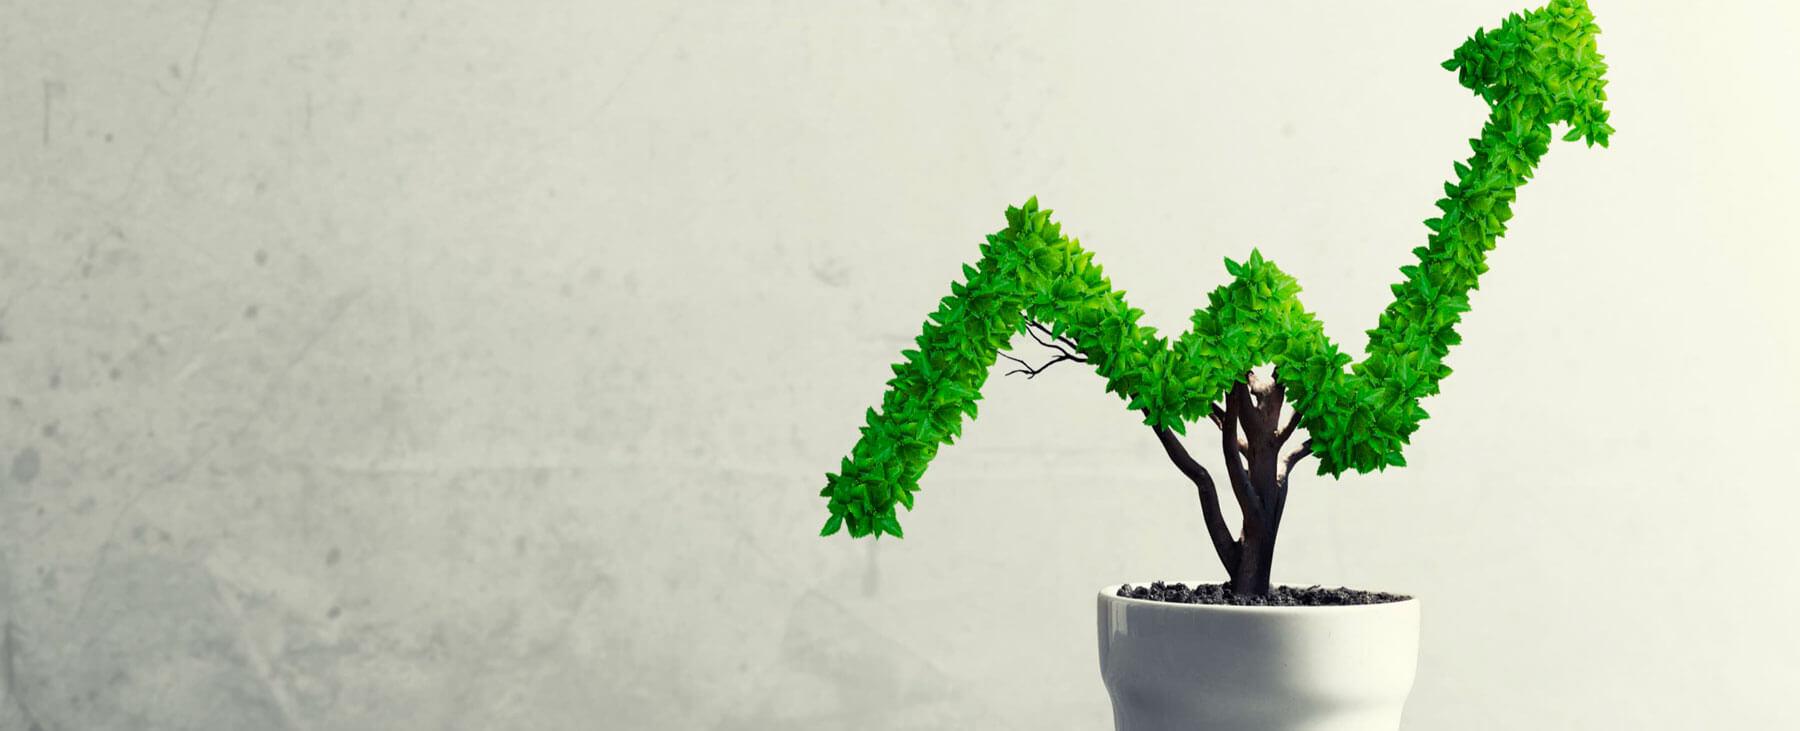 La inversión gira a la sostenibilidad